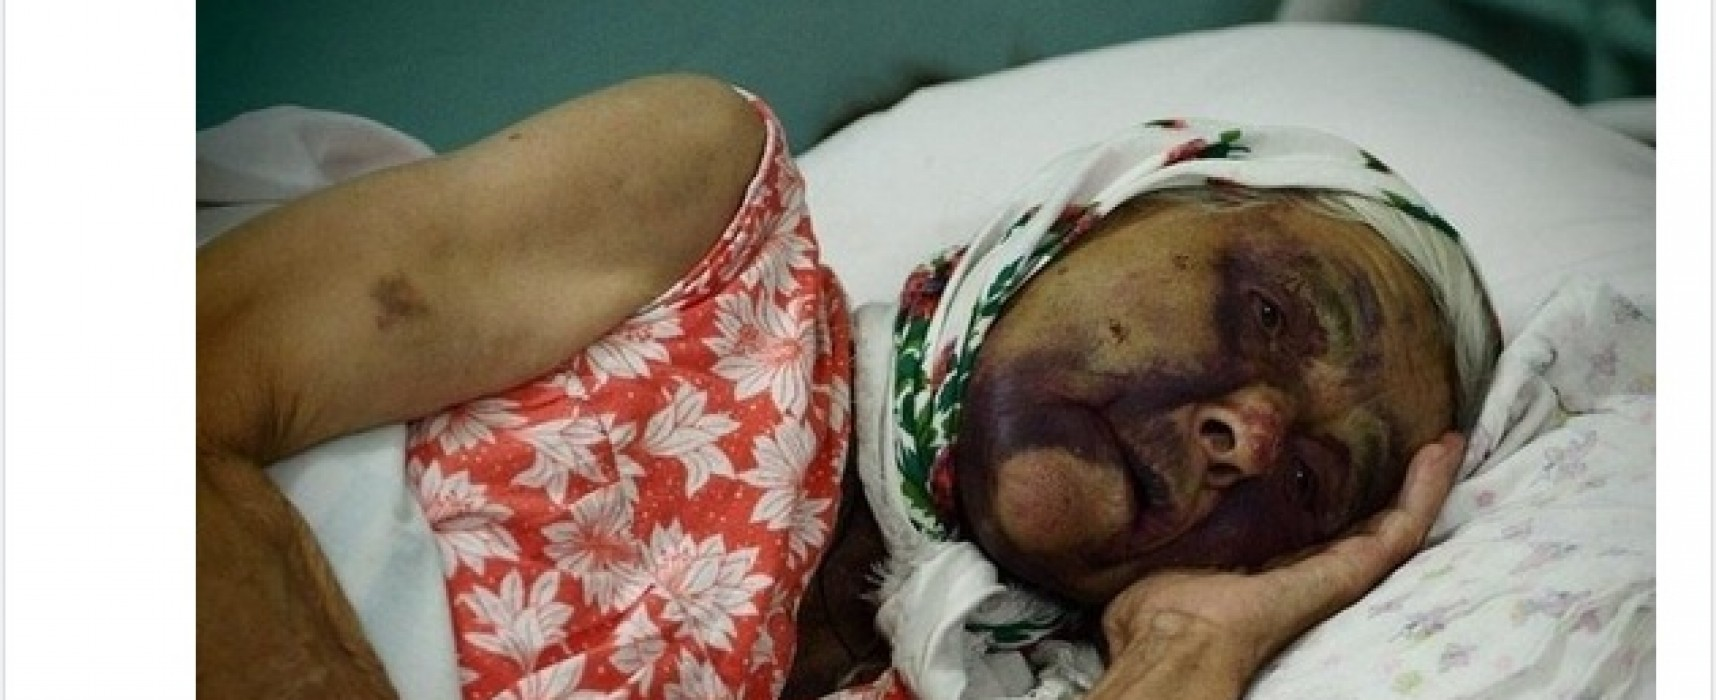 Фейк: В Киеве избили ветерана Великой Отечественной войны